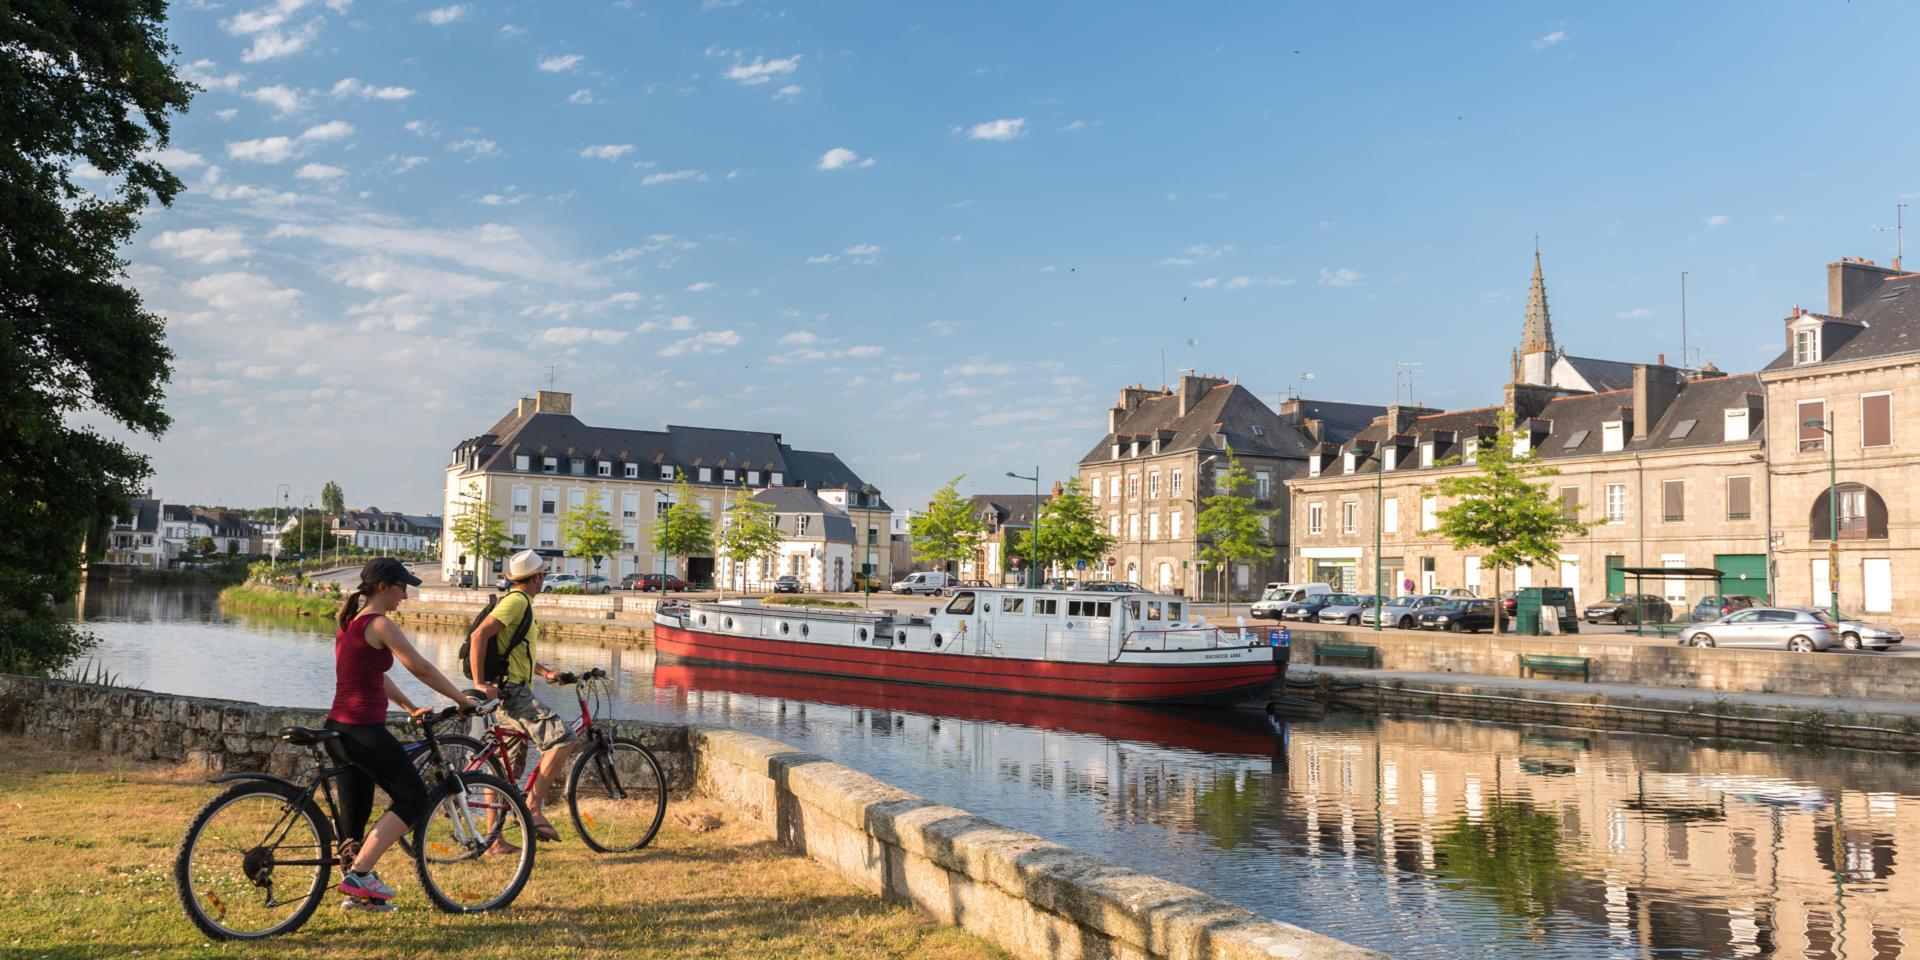 Pontivy | Brittany tourism